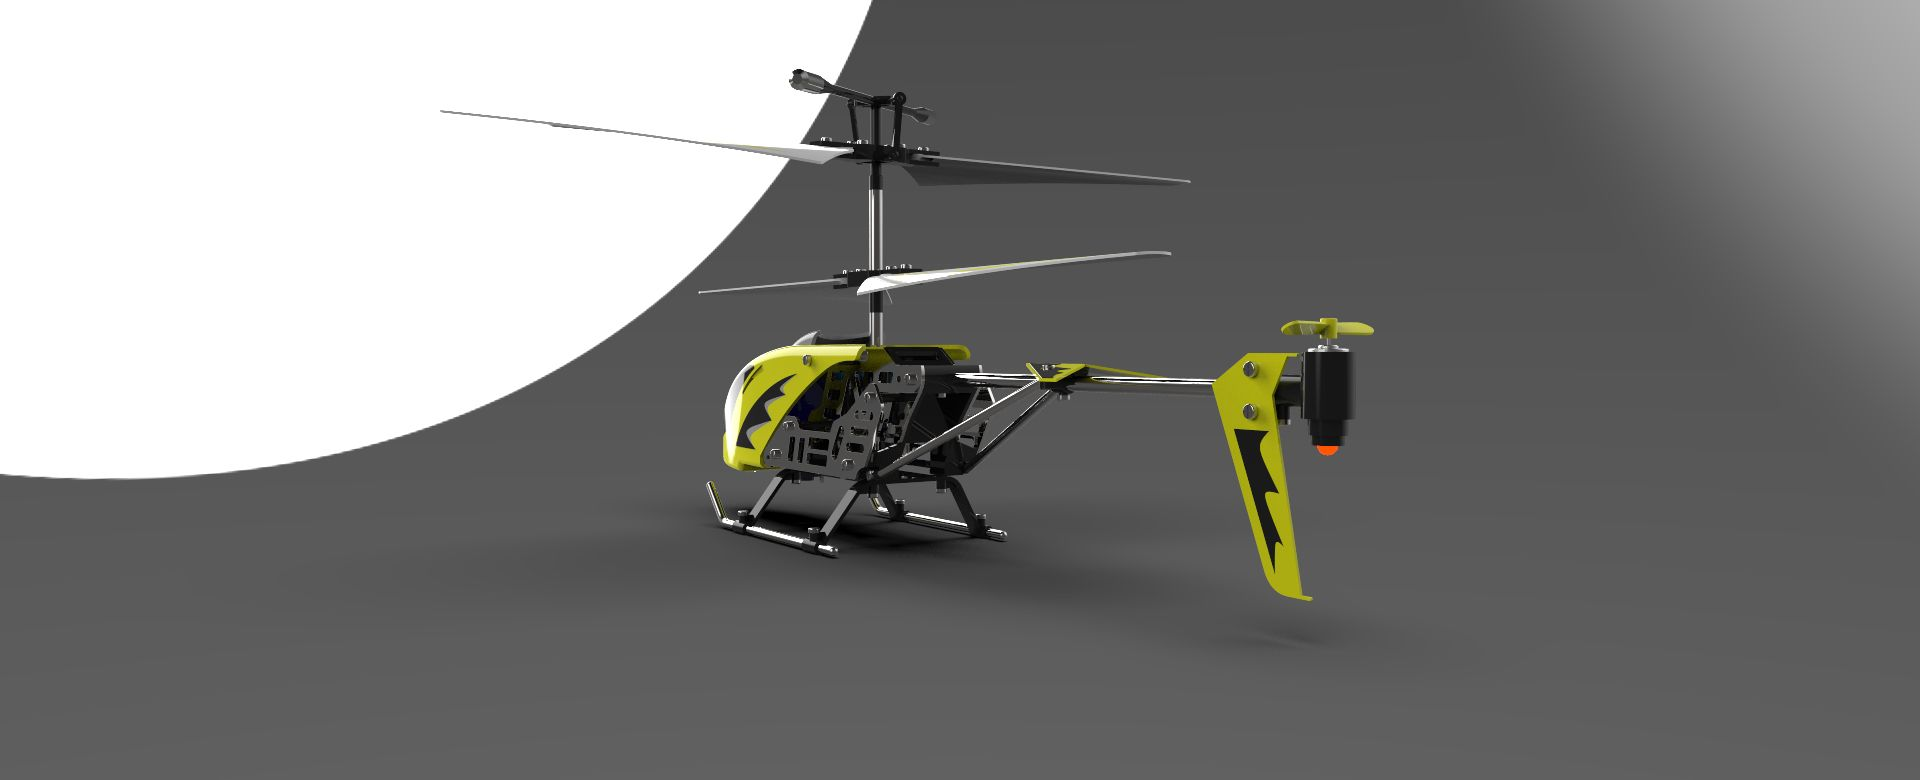 Choper-168-3500-3500